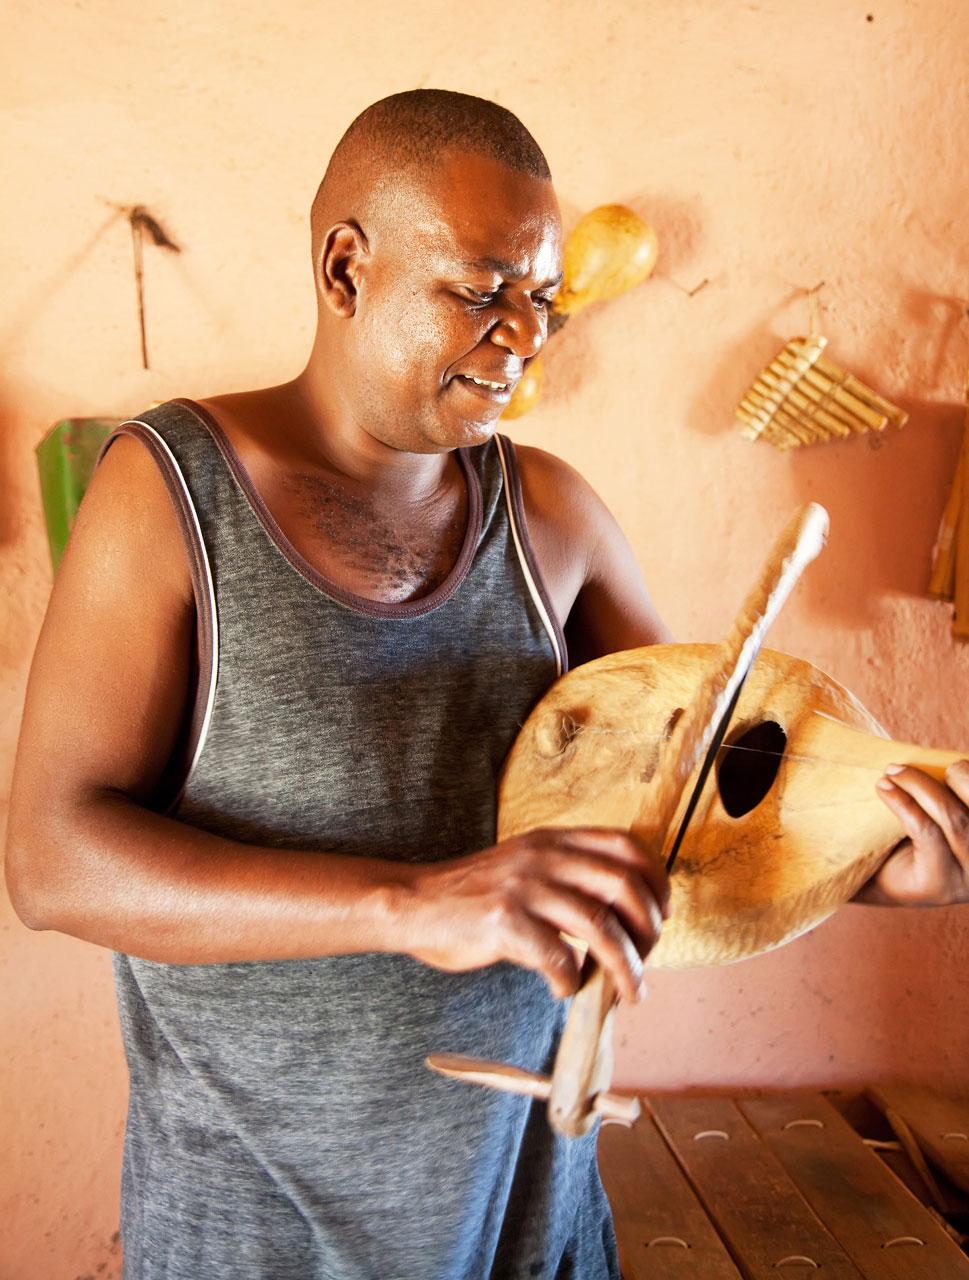 Houtbewerker Thomas Kubayi, een van de deelnemers van de Ribollo Art Route in Limpopo, Zuid-Afrika.